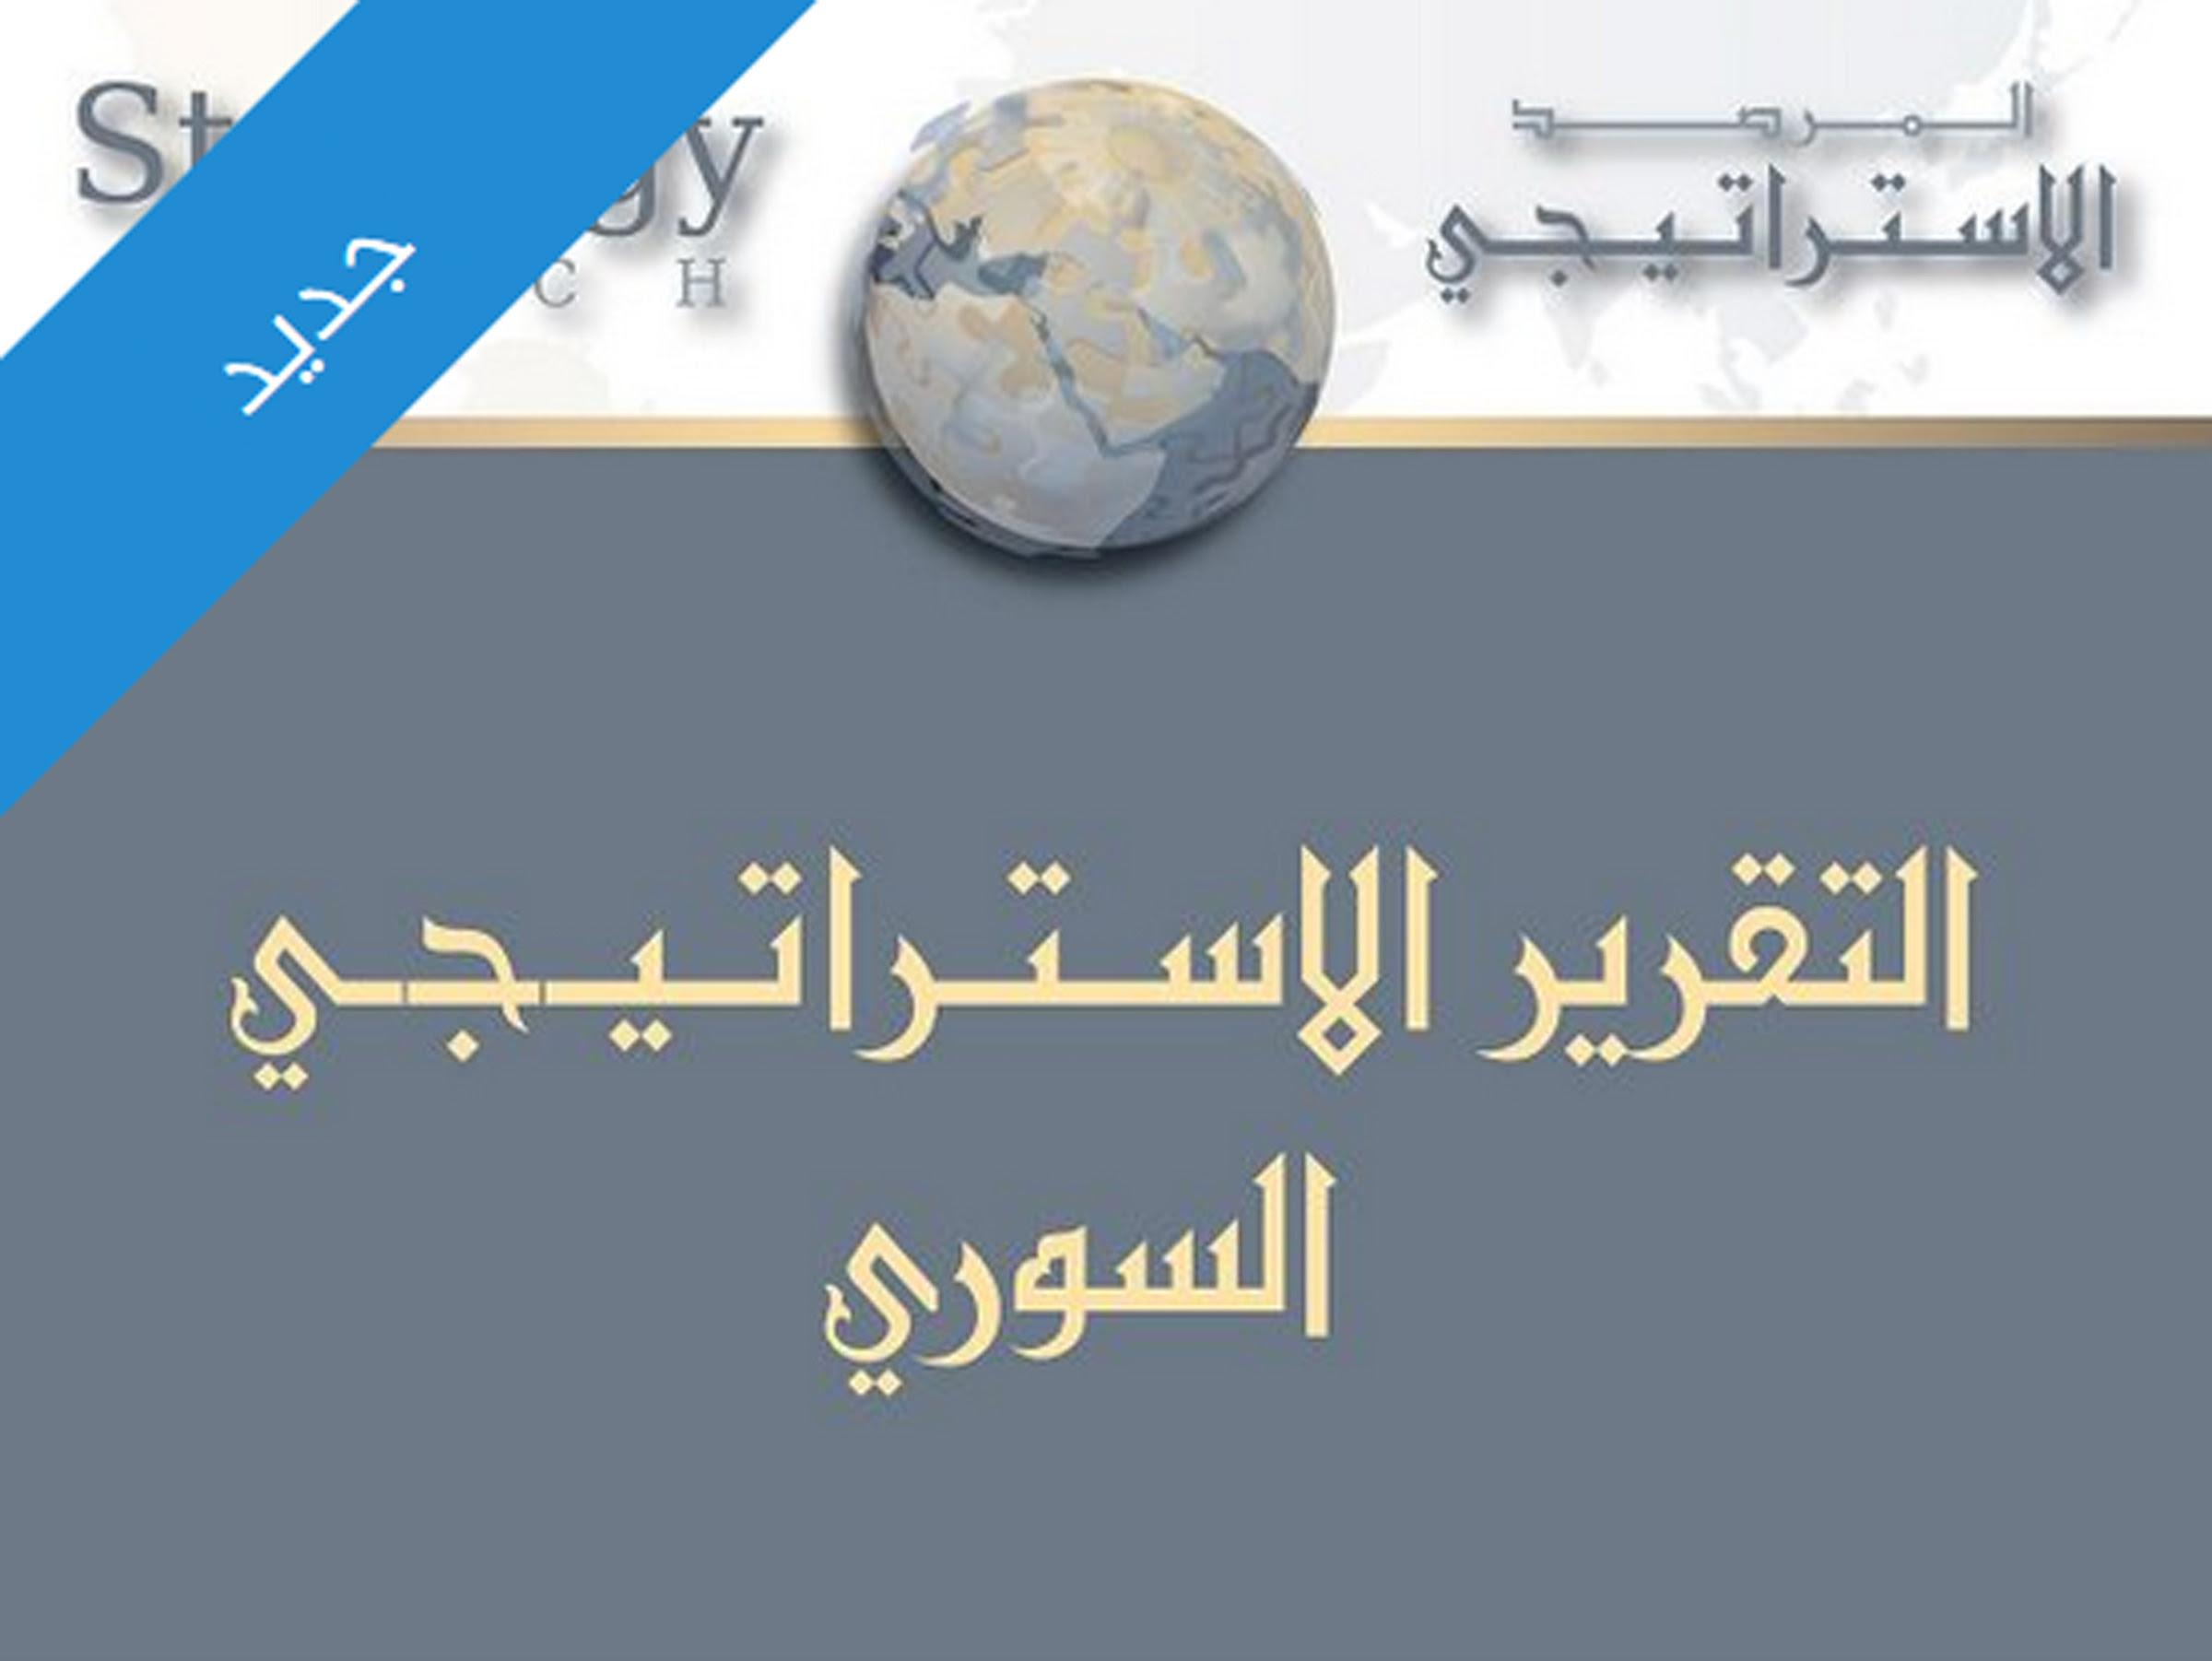 التقرير الاستراتيجي السوري (العدد 36)